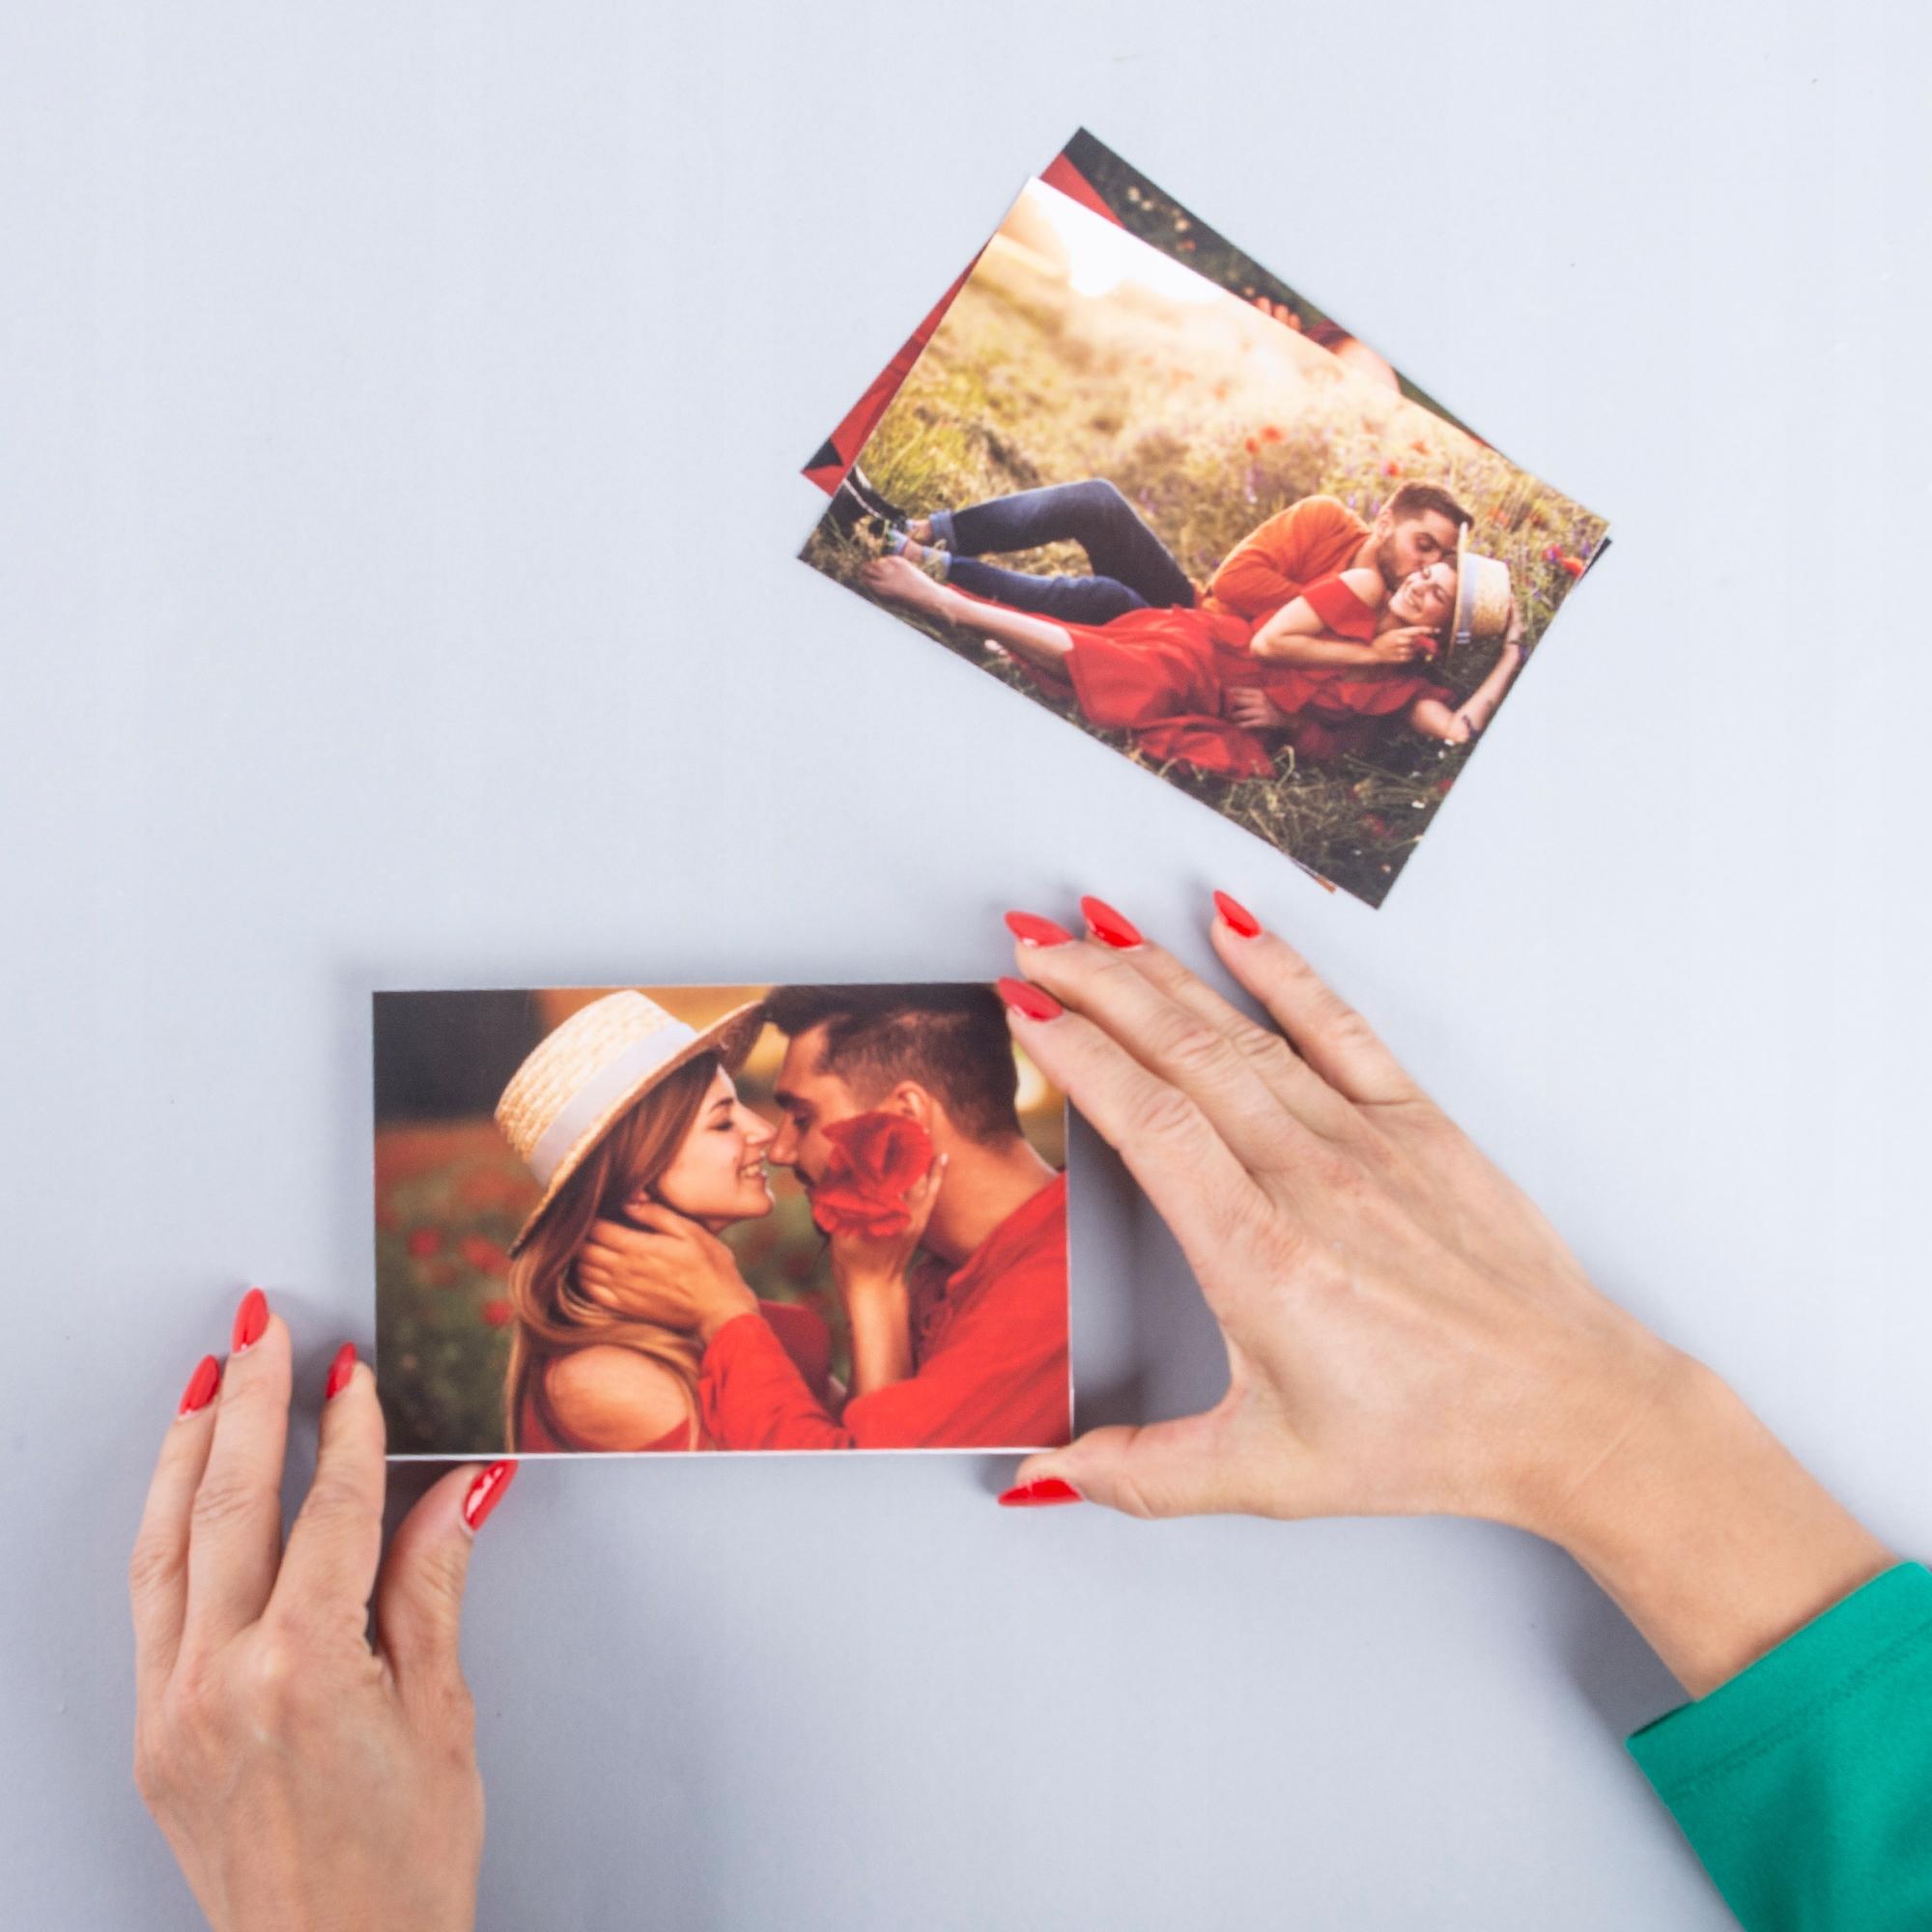 времена, распечатка фотографий на стену пазухой держит, словом